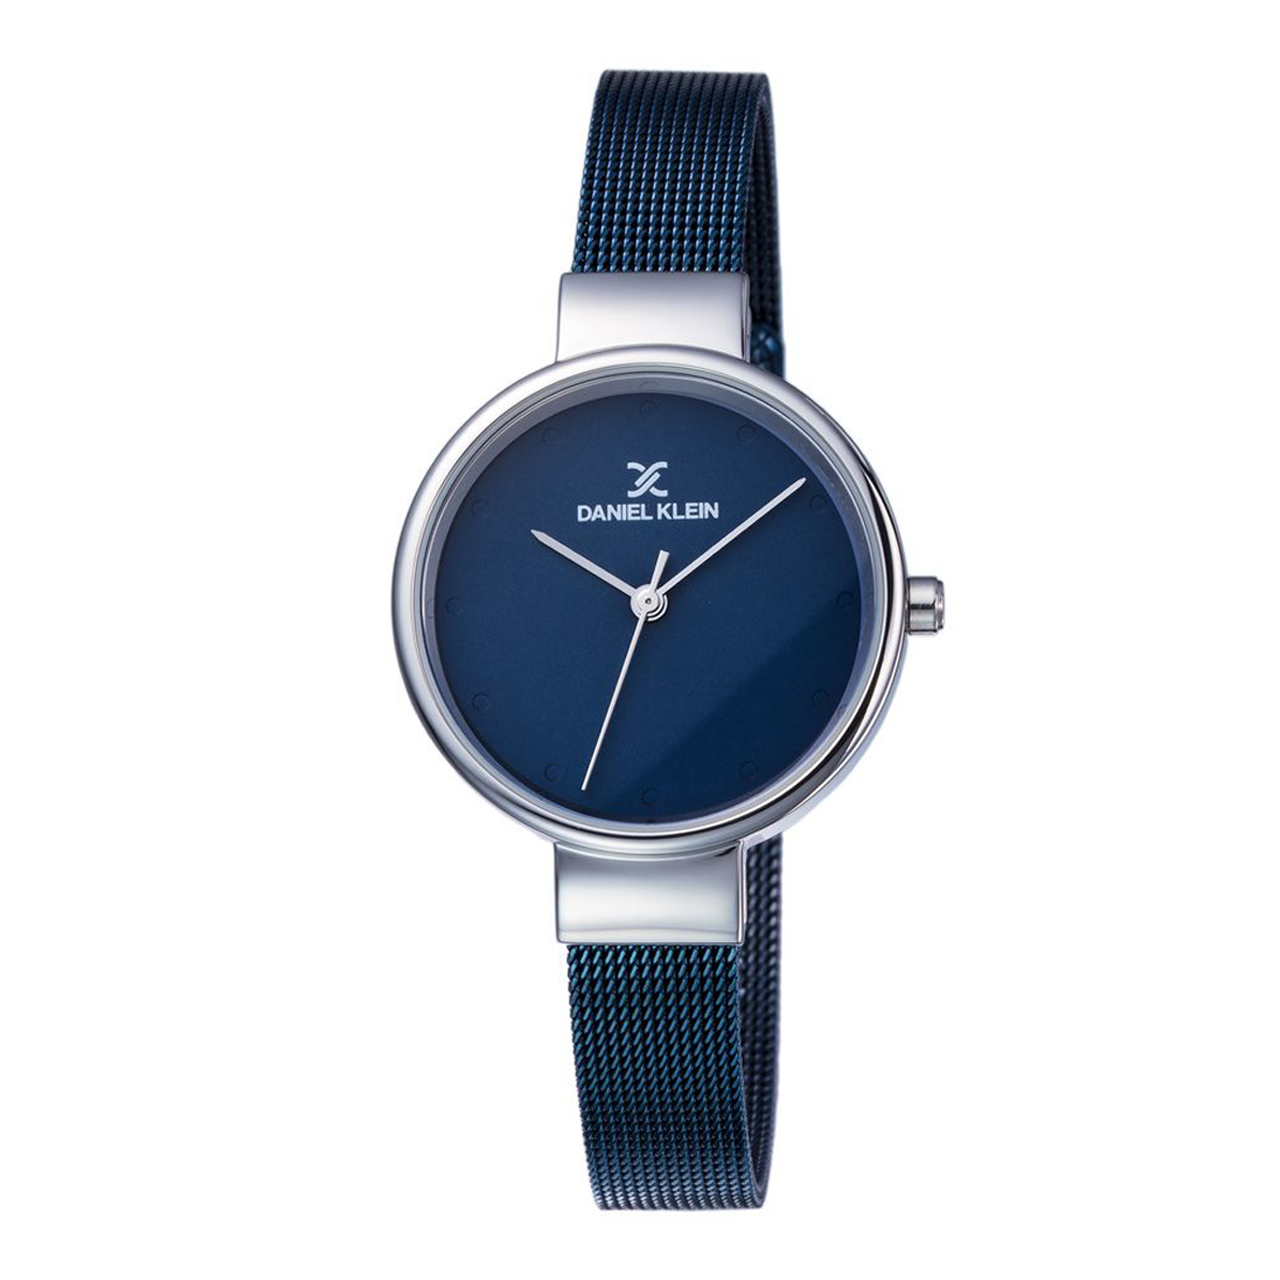 ساعت مچی عقربه ای زنانه دنیل کلین مدل DK11877-6 به همراه دستمال مخصوص برند کلین واچ 28